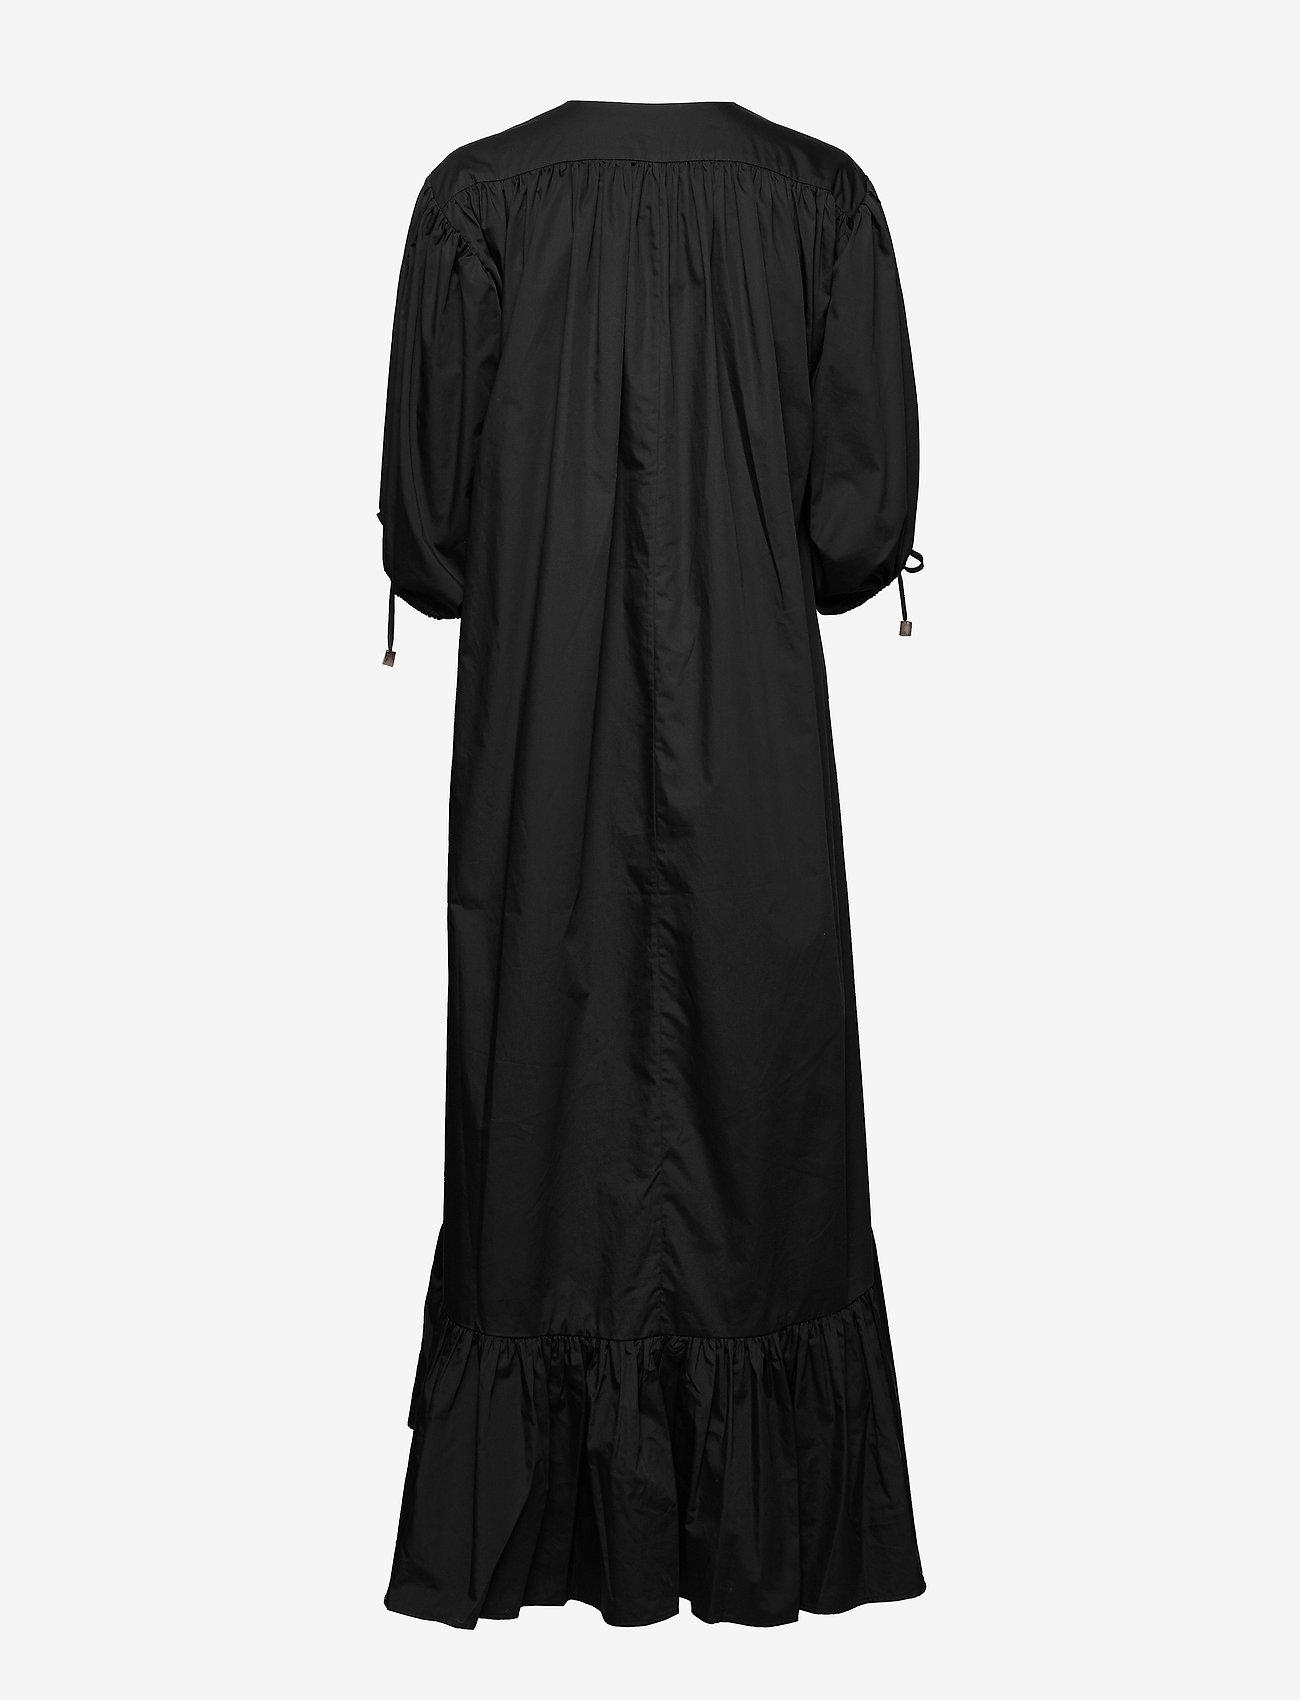 RODEBJER - RODEBJER DAKOTA - summer dresses - black - 1